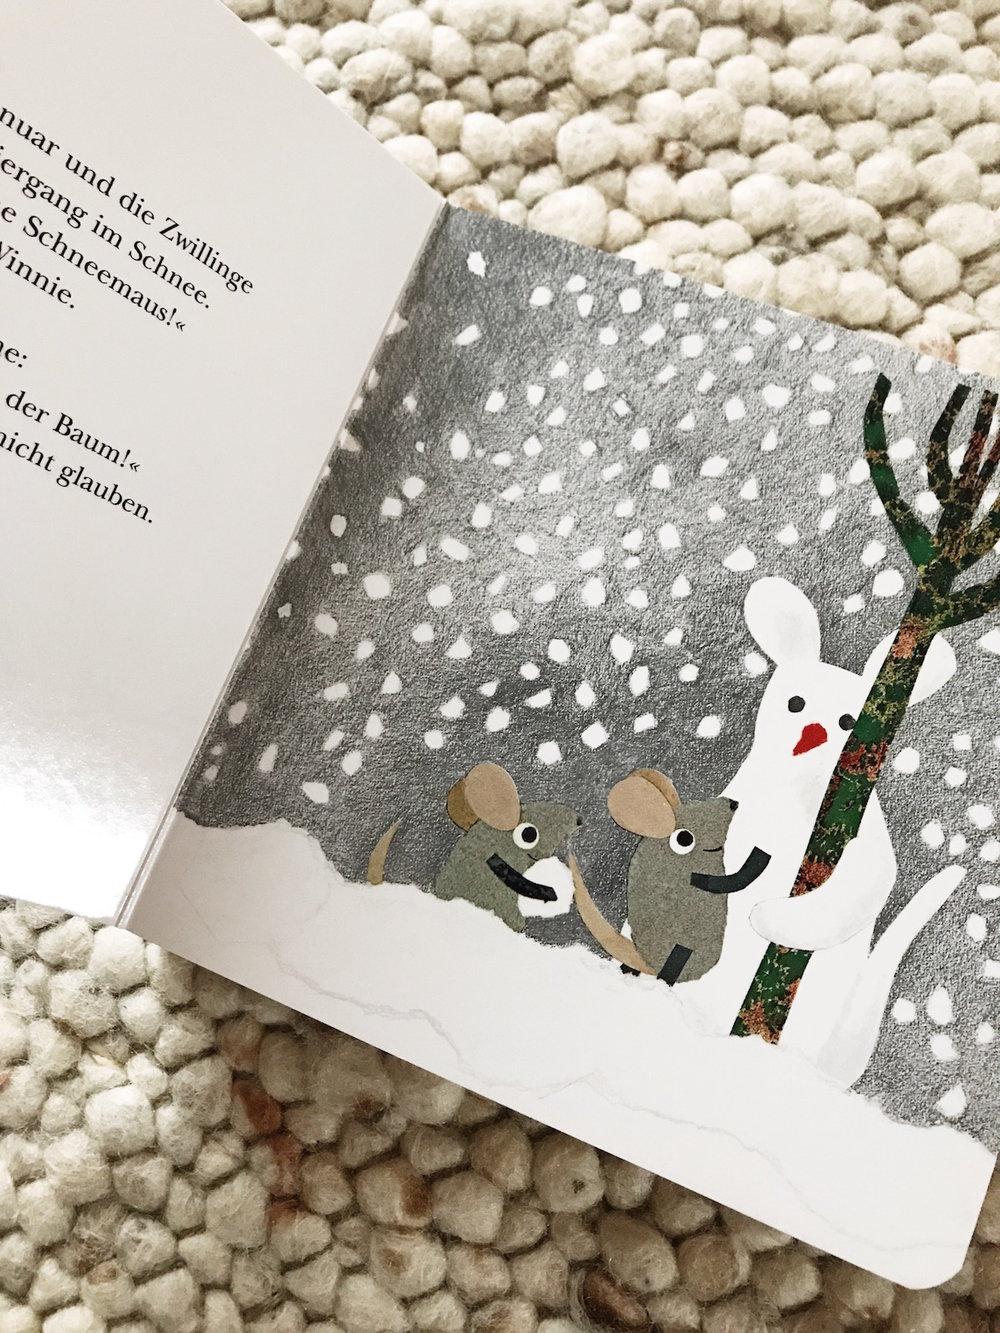 Beim Schneemaus-Bauen entdecken Winnie und Willy Rudi, den Baum.